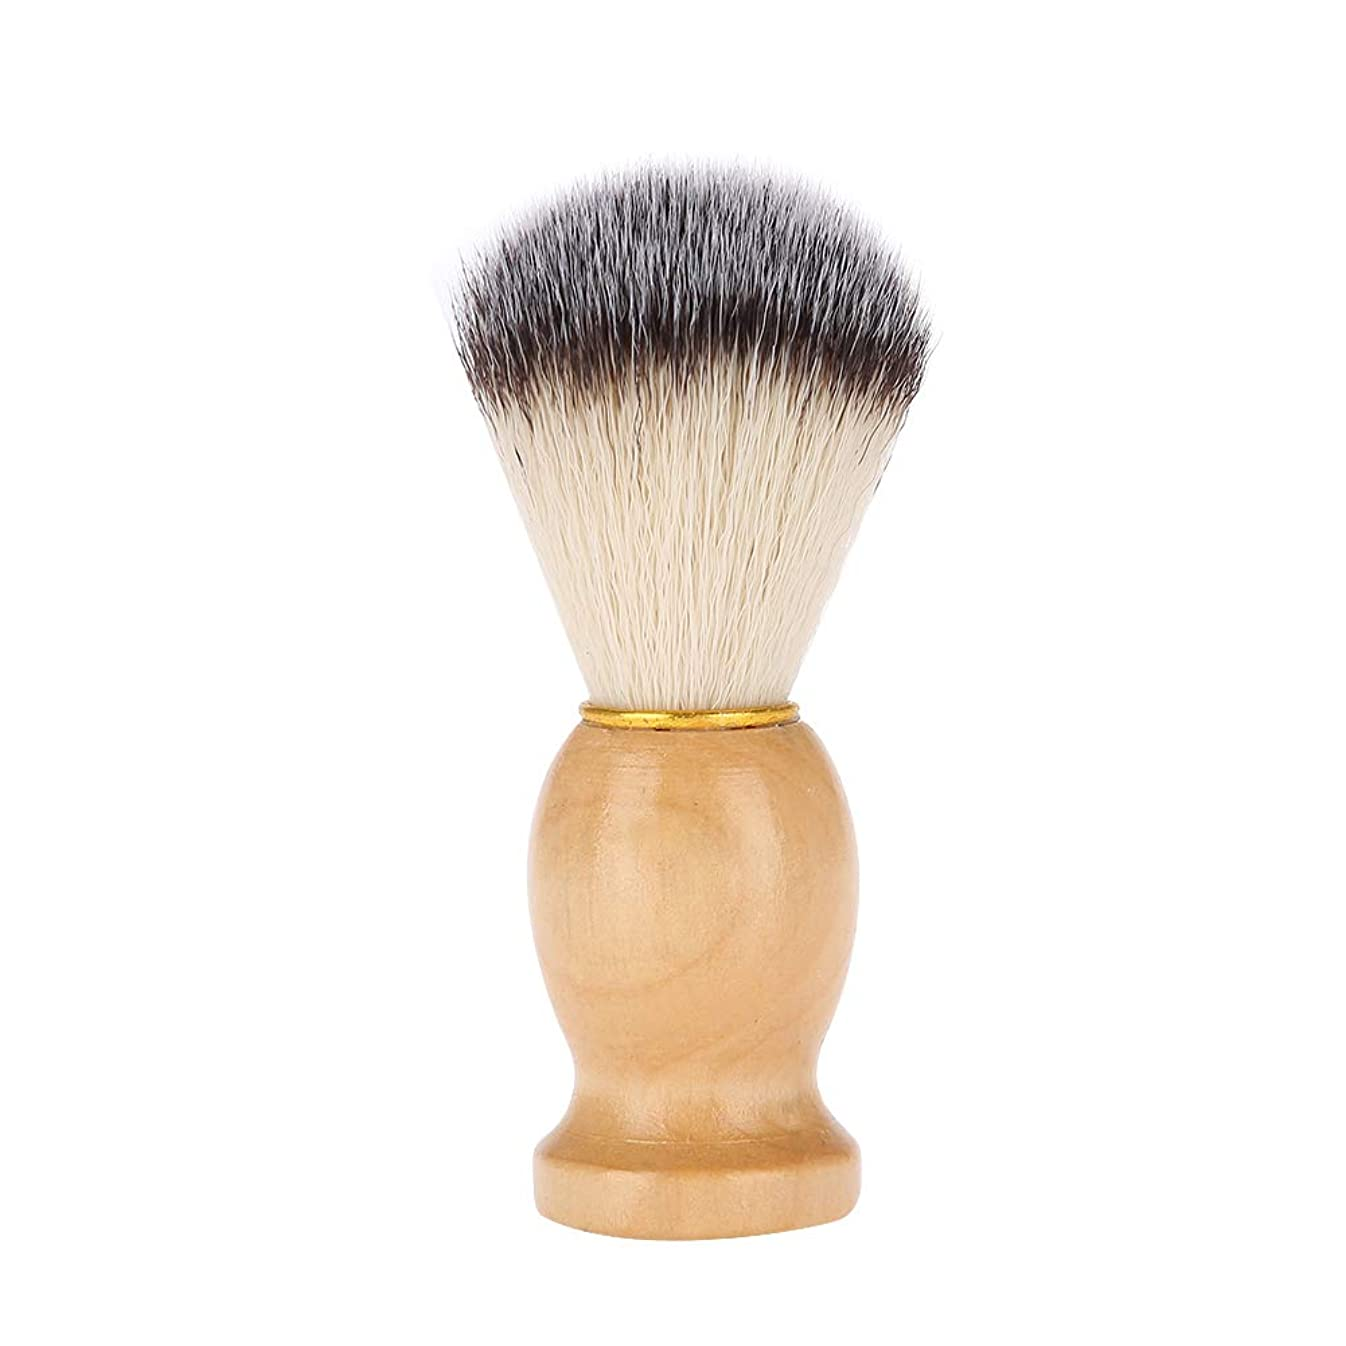 アナリスト適用済み液体シェービングブラシ 髭剃りブラシ 木製ハンドル+繊維毛 泡立て ひげ剃りツール メンズ理容ブラシ